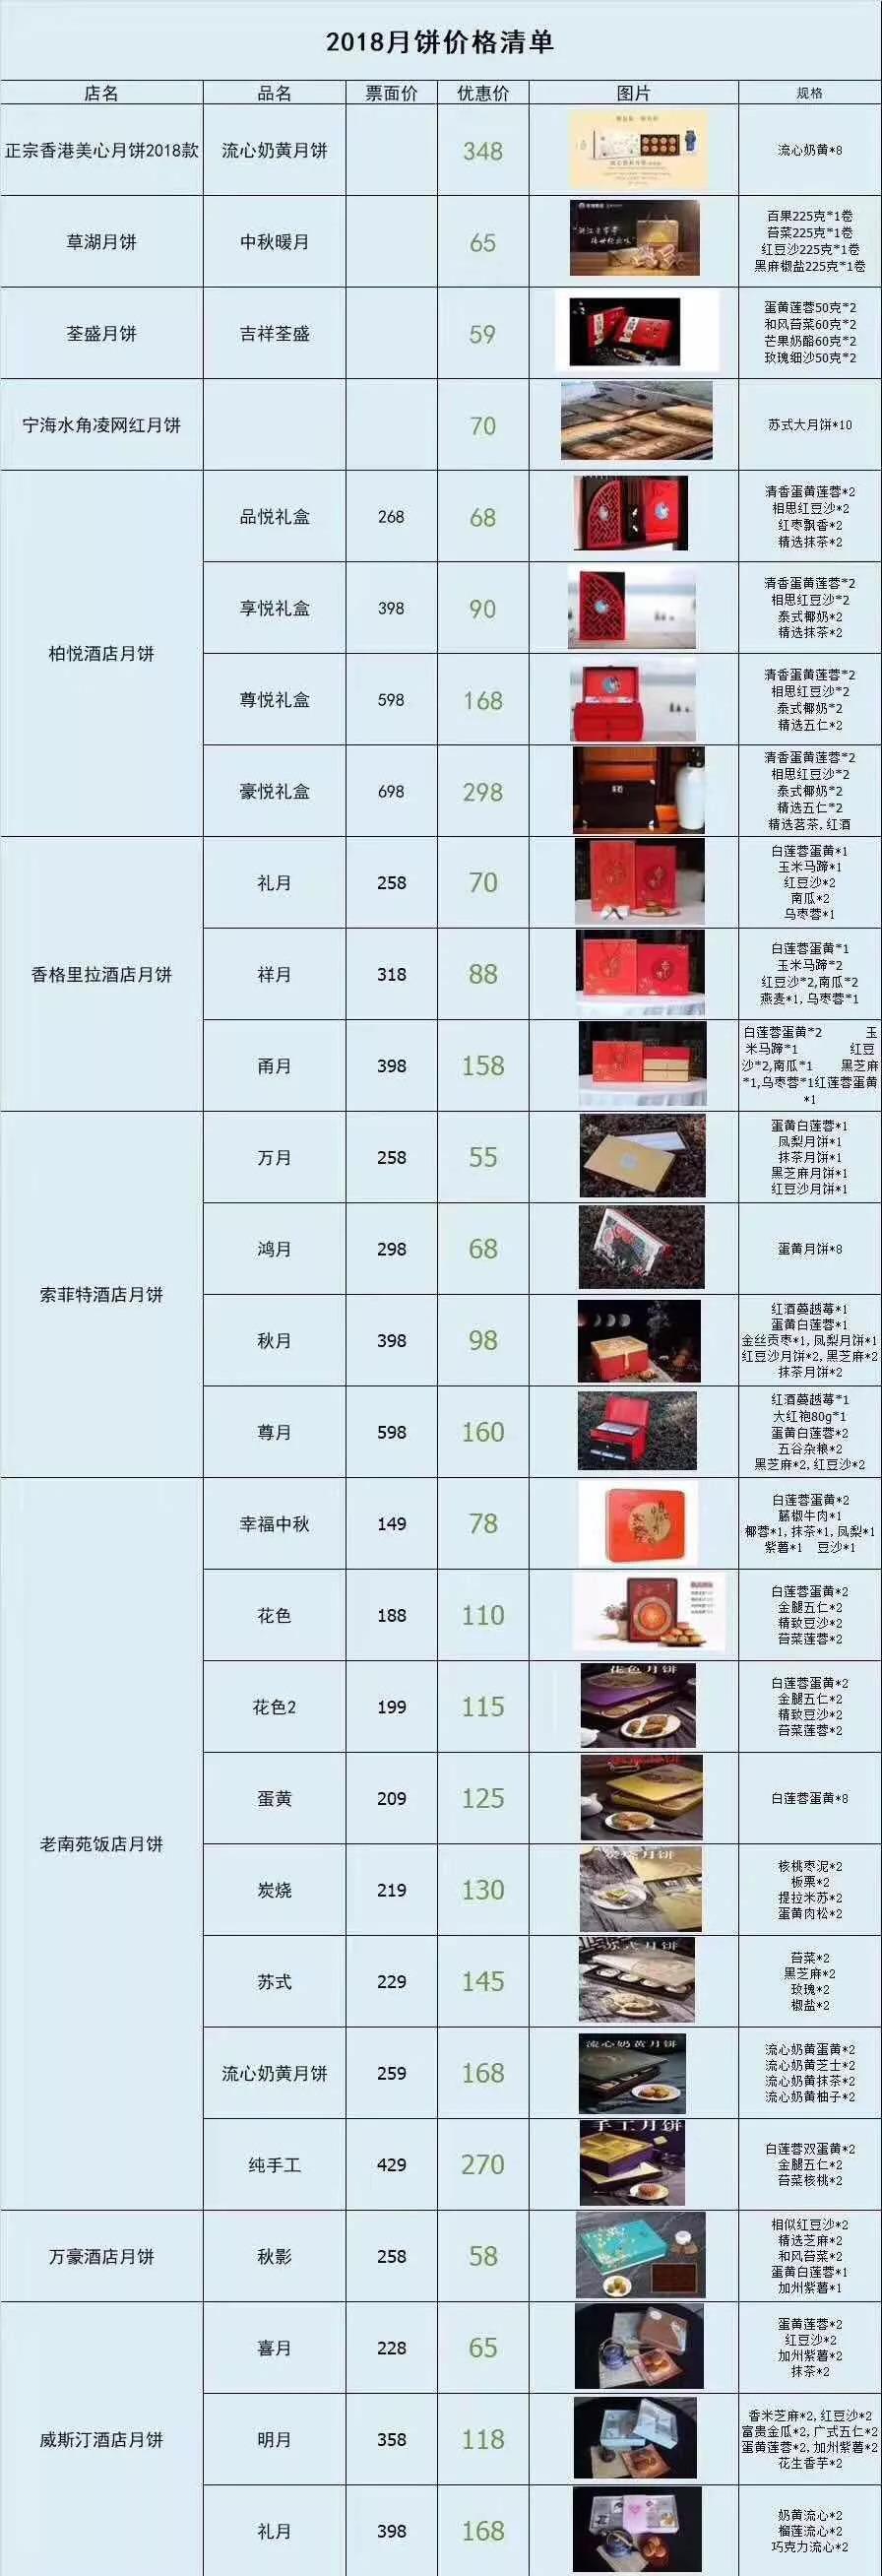 朋友圈流传的月饼价格清单